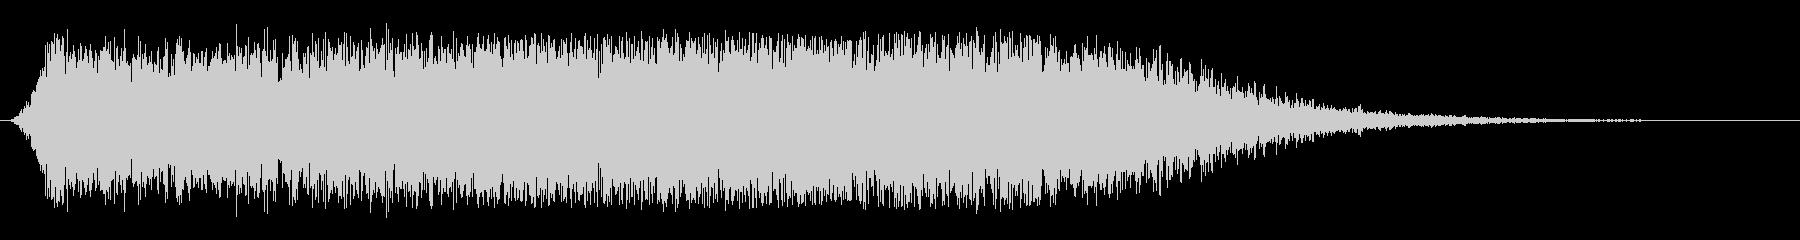 緊張 昇順カオスインパクト01の未再生の波形